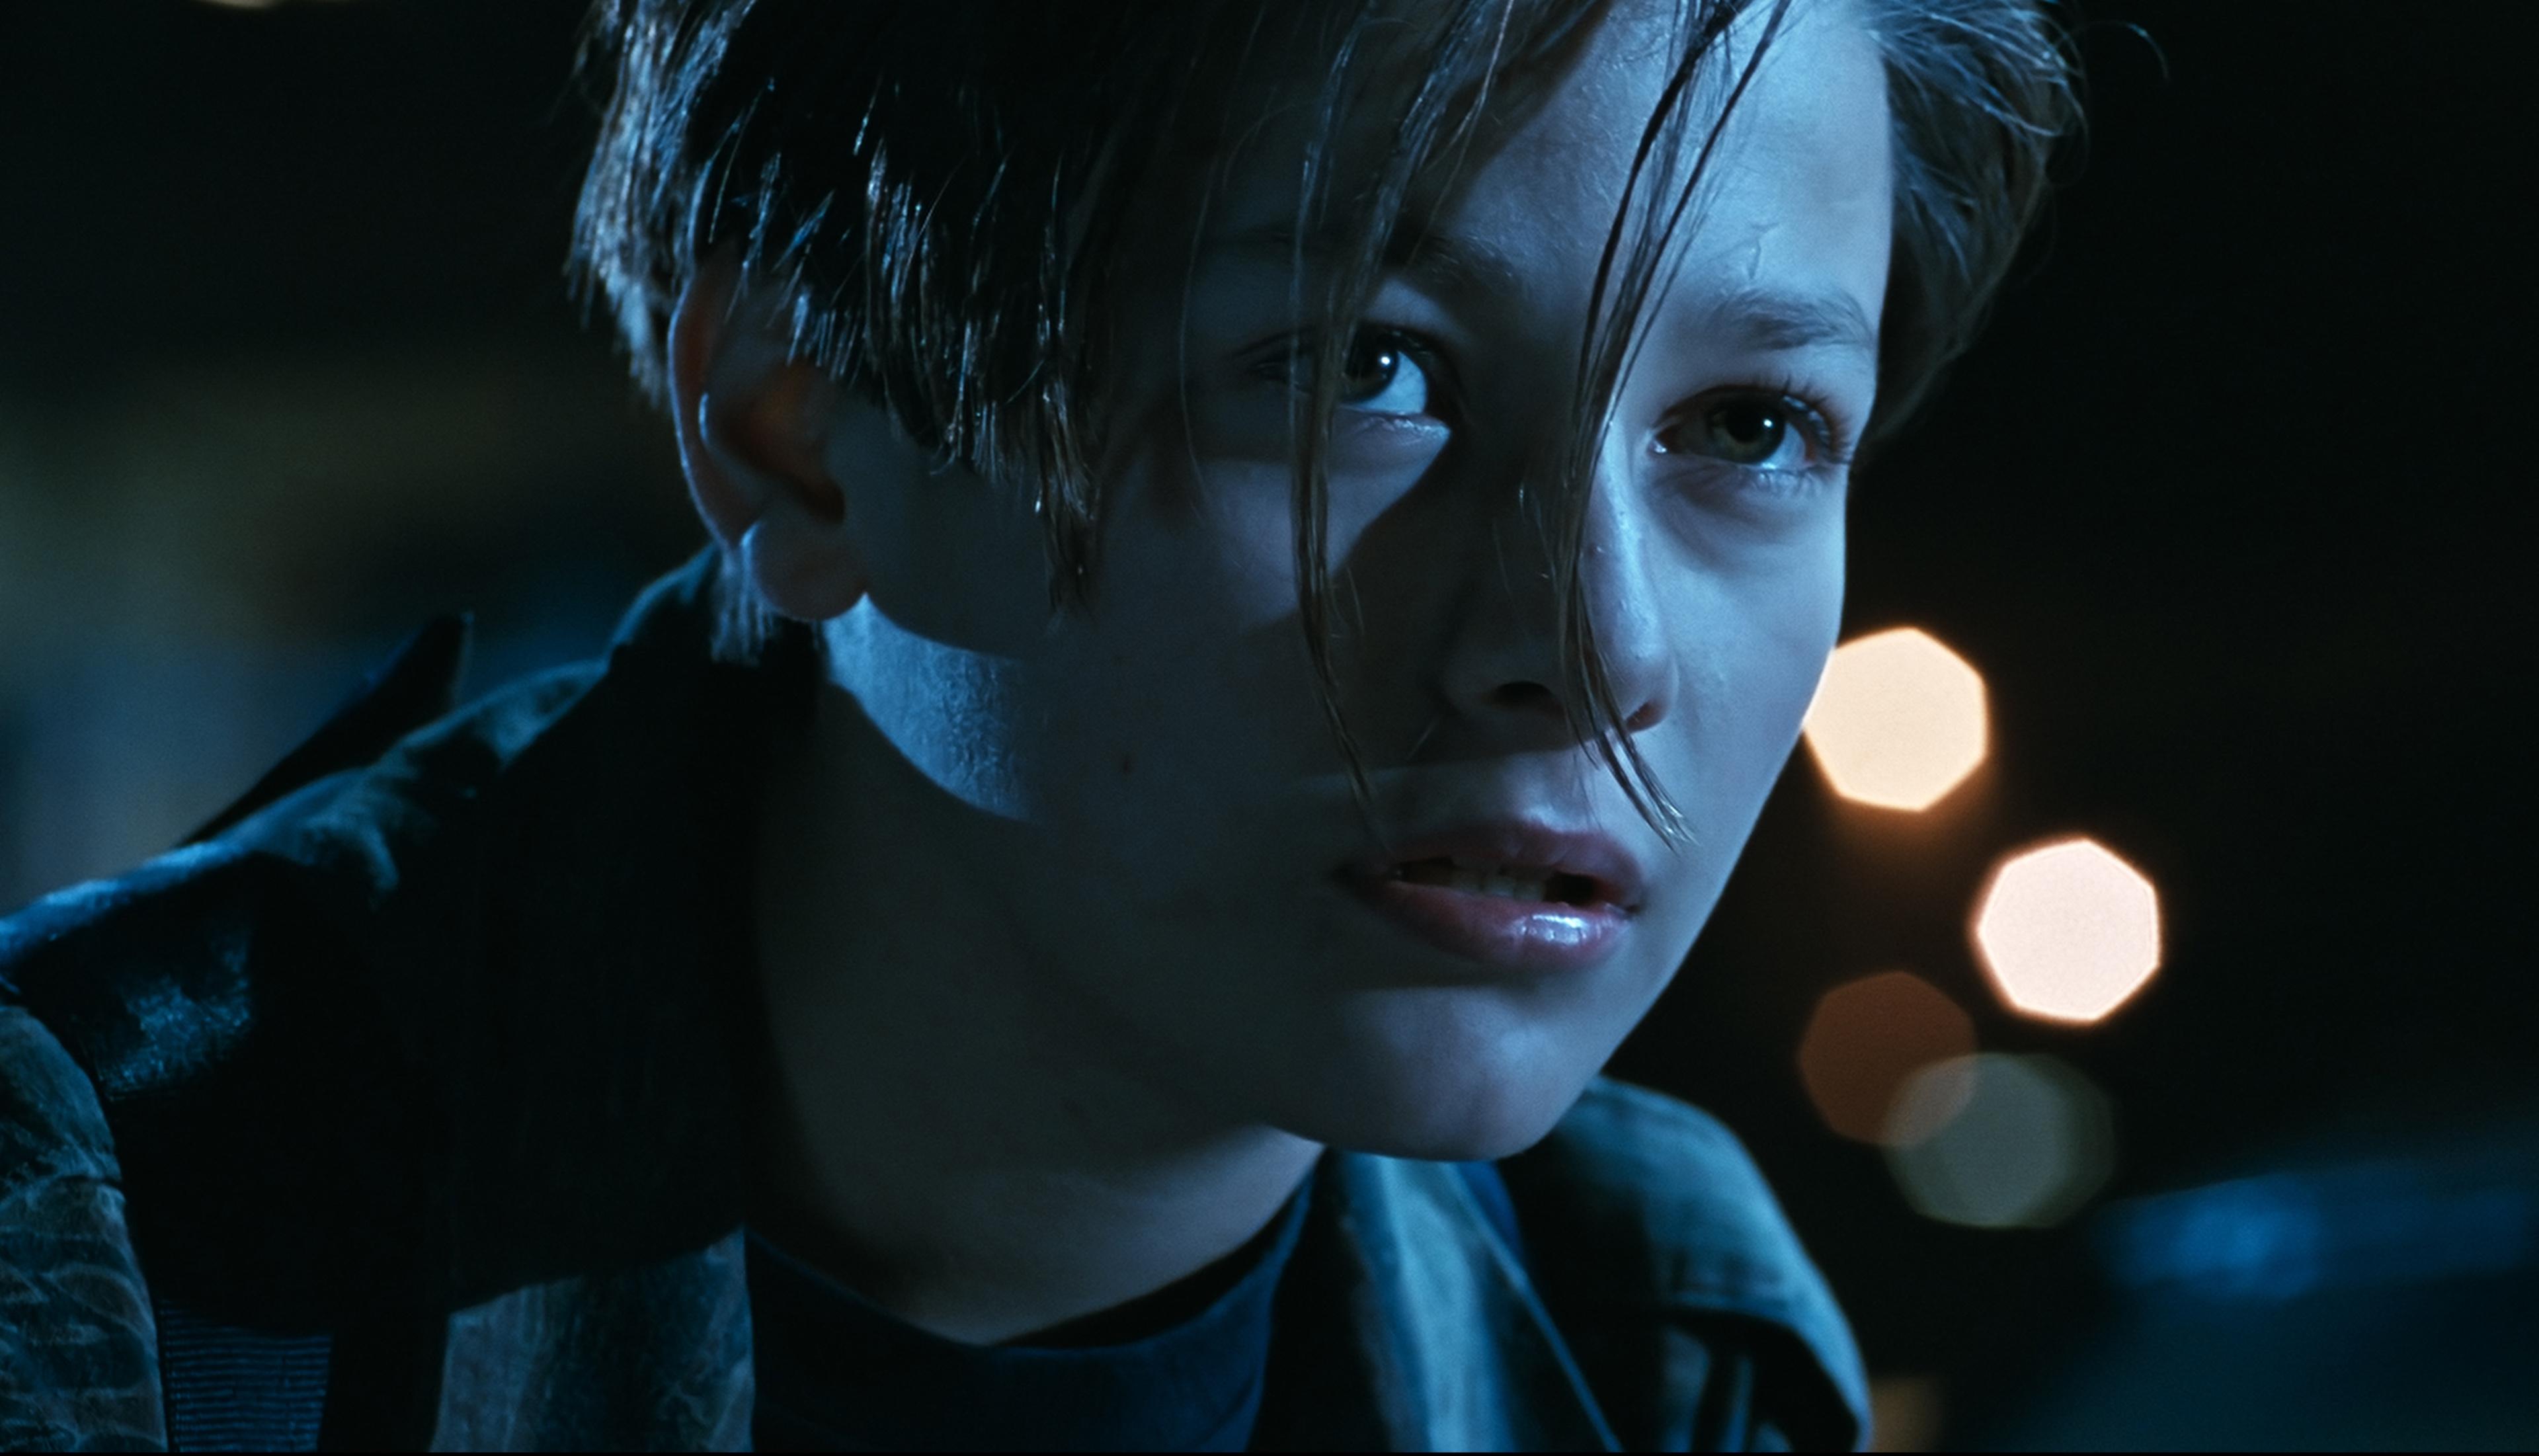 Terminator: Dark Fate will bring back Edward Furlong as John Connor